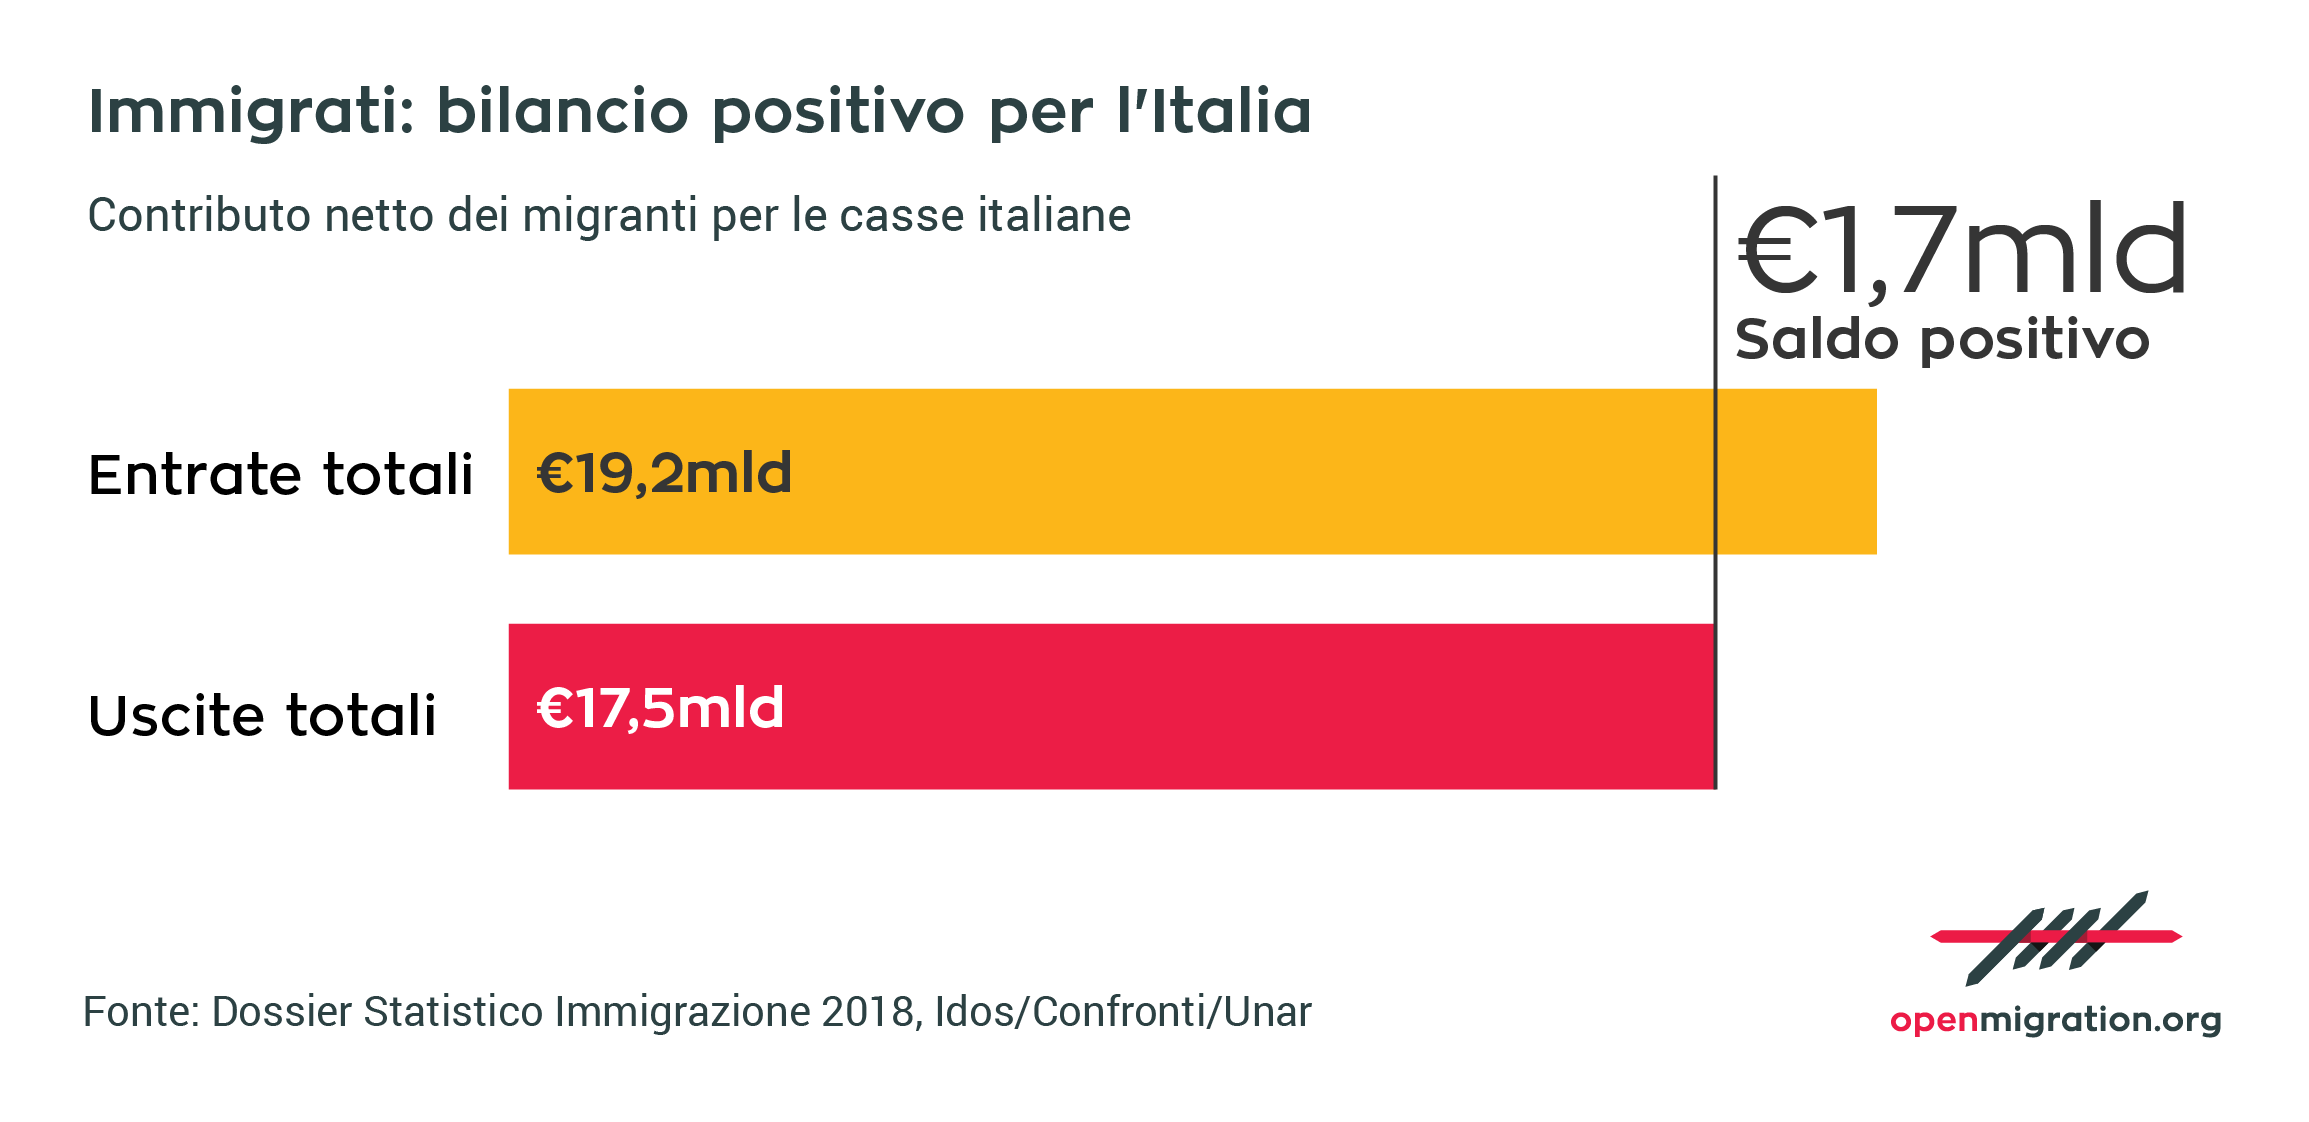 Immigrati: bilancio positivo per l'Italia